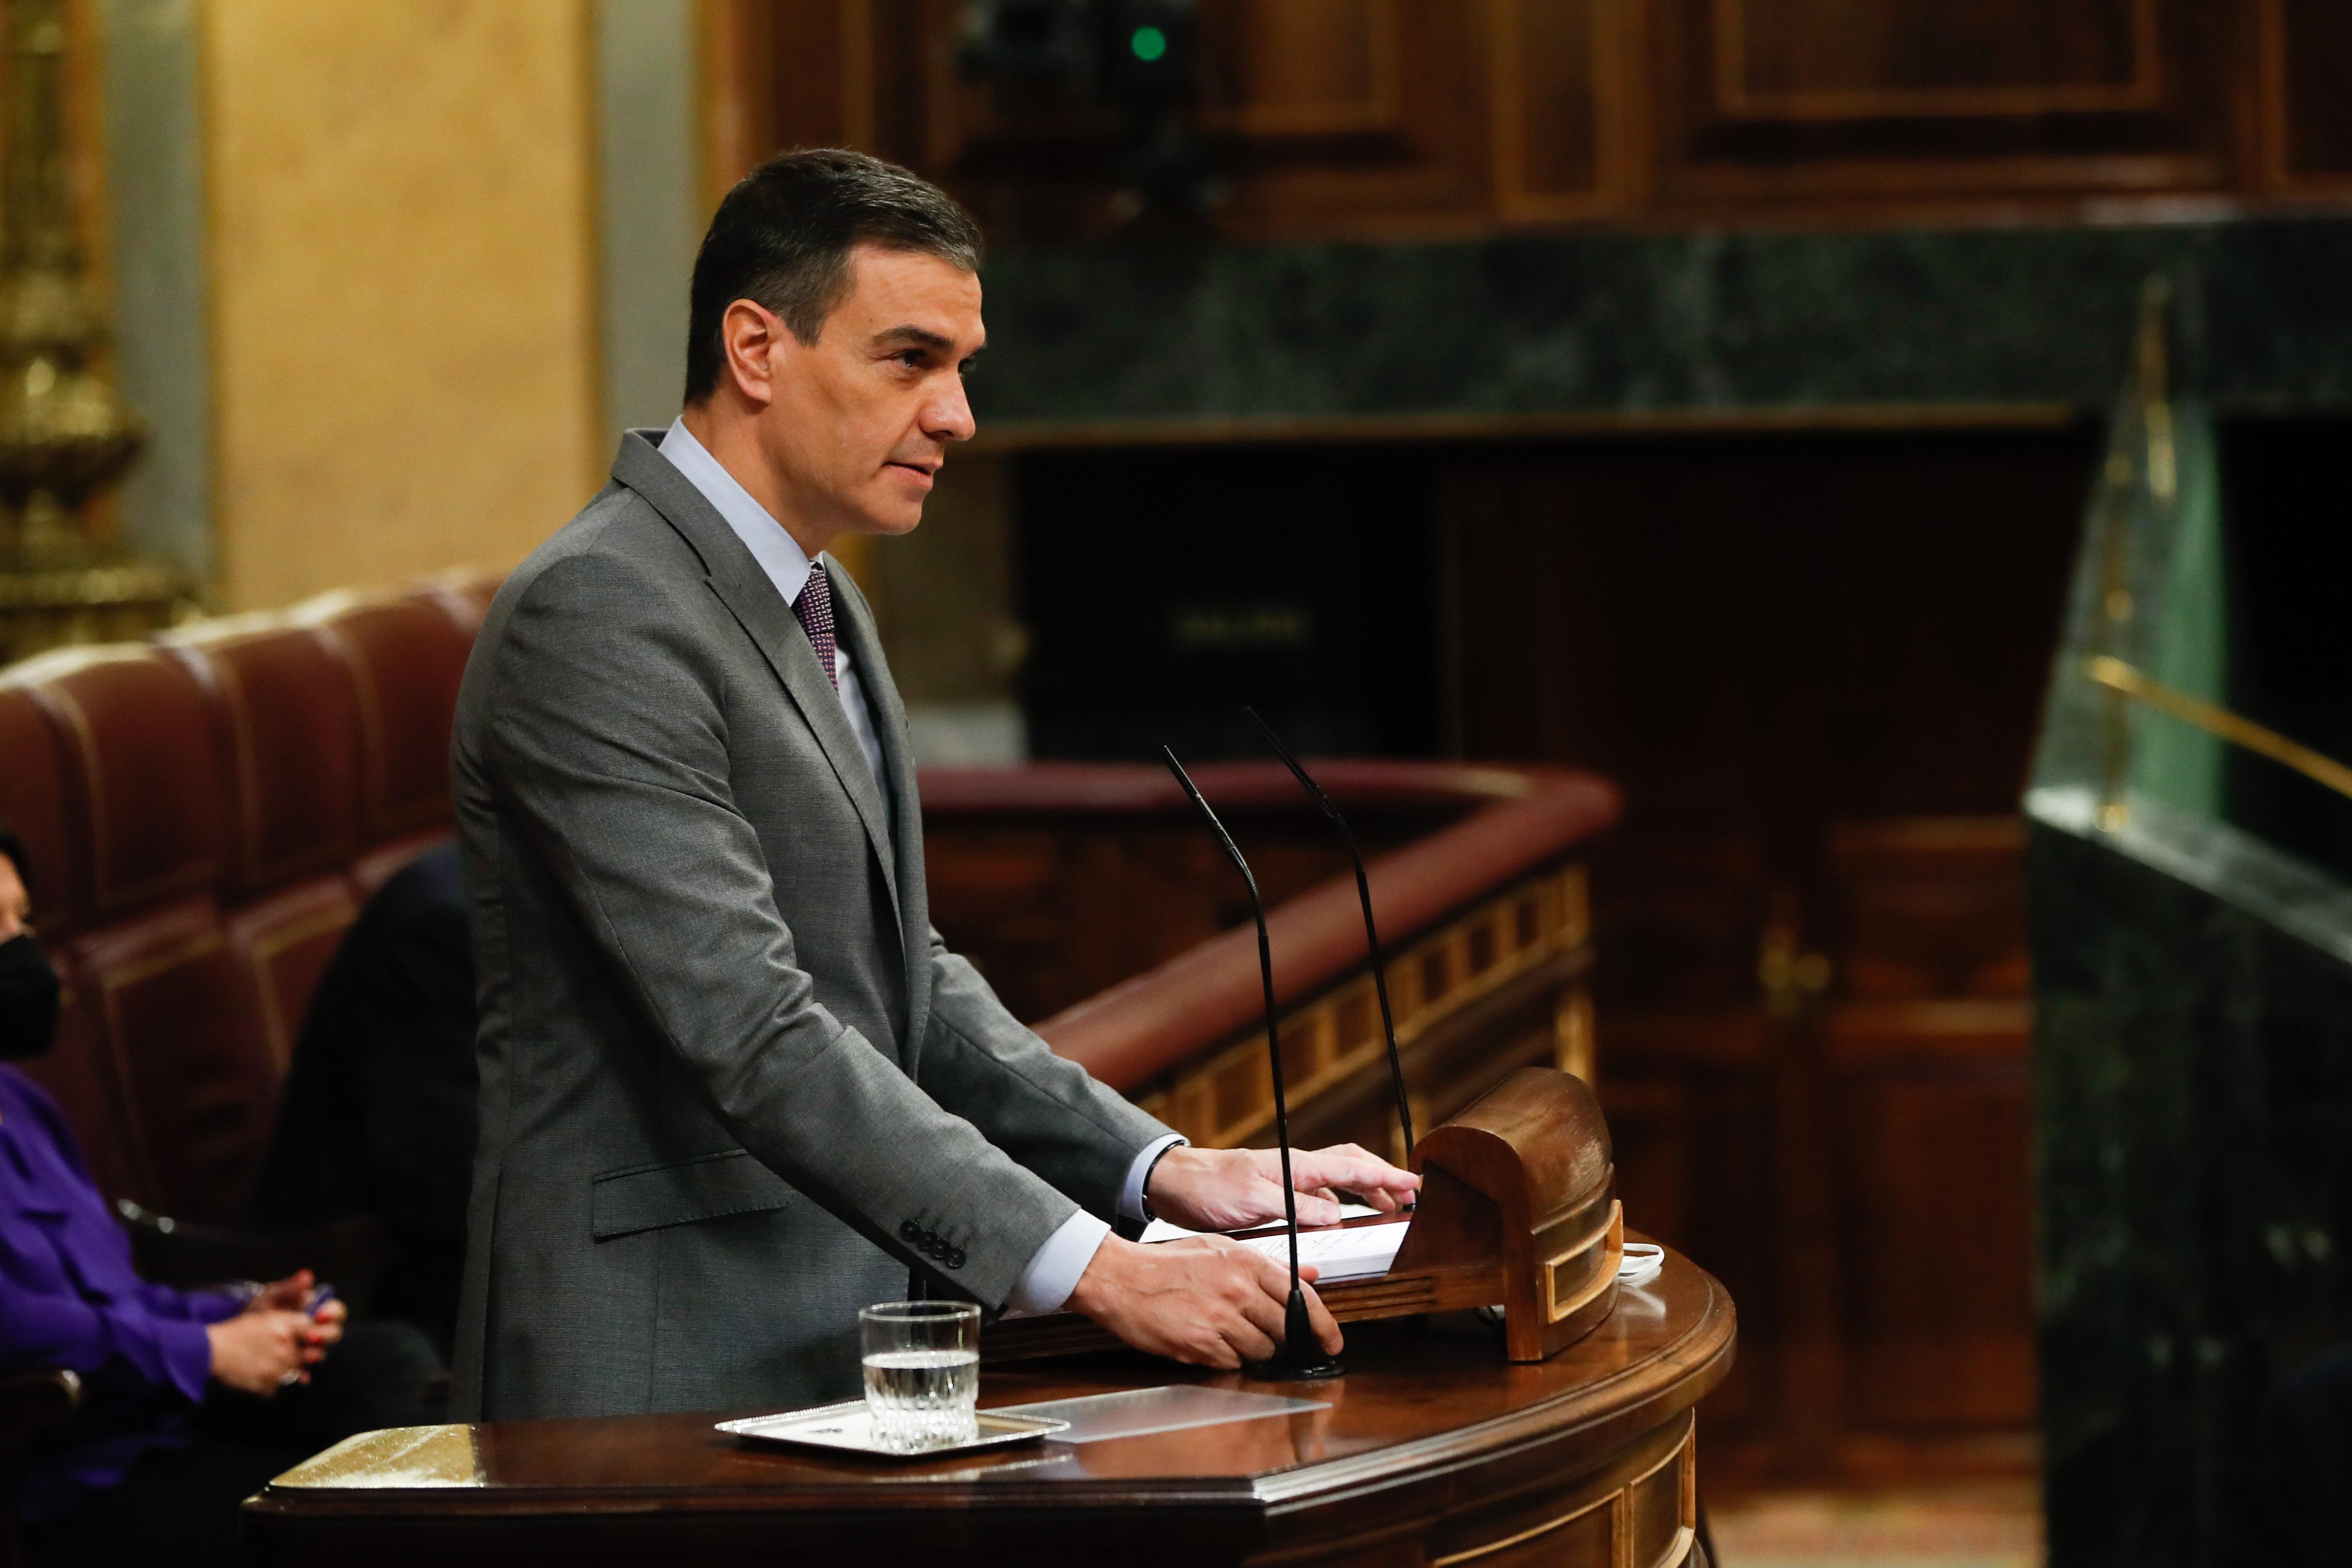 El presidente del Gobierno, Pedro Sánchez, durante su comparecencia / Gtres